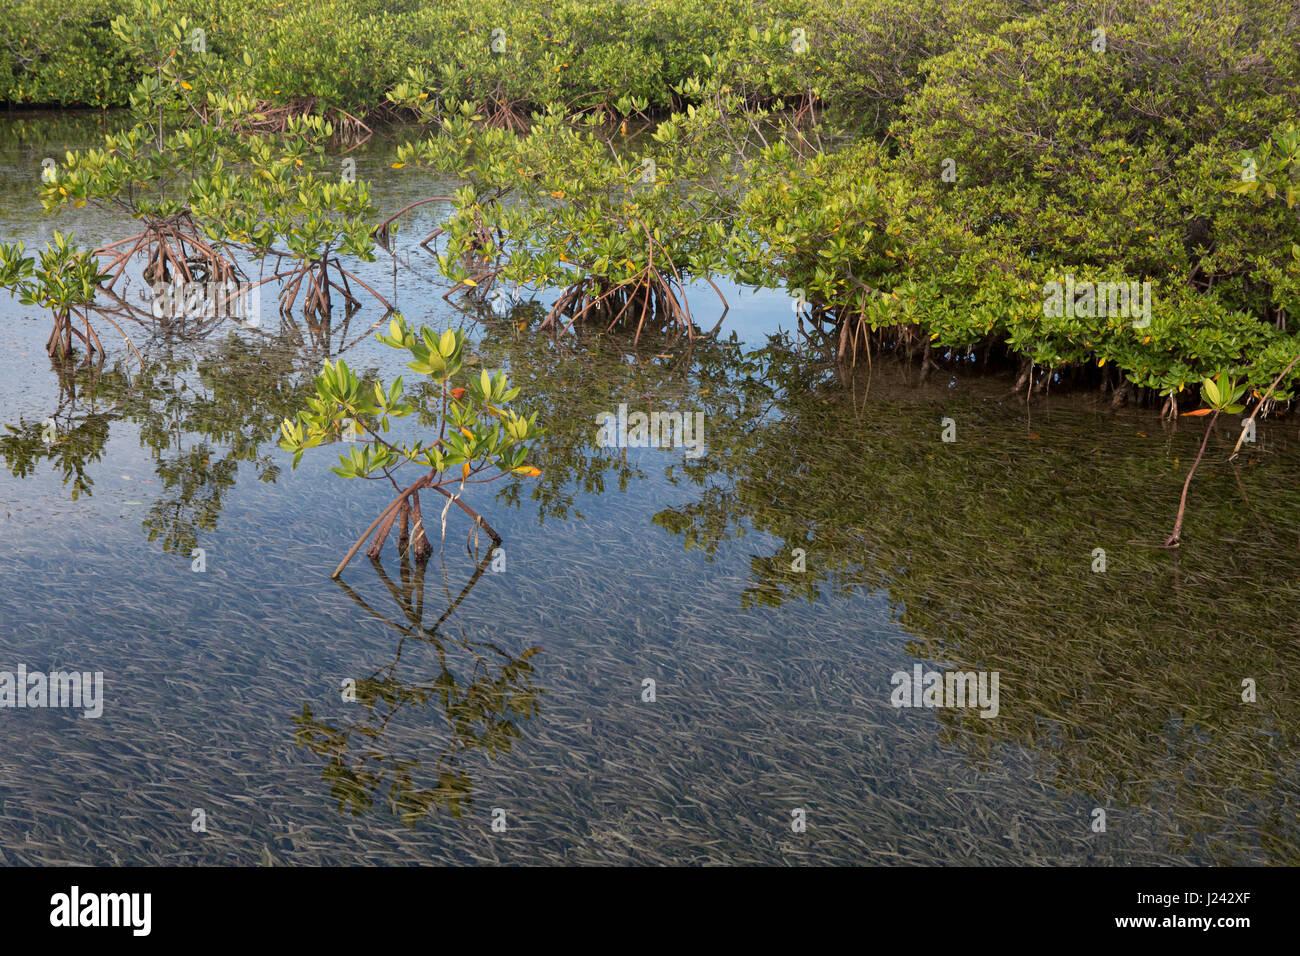 Reizvolle Aussicht von roten Mangroven in der Nähe von kubanischen Küste Stockbild